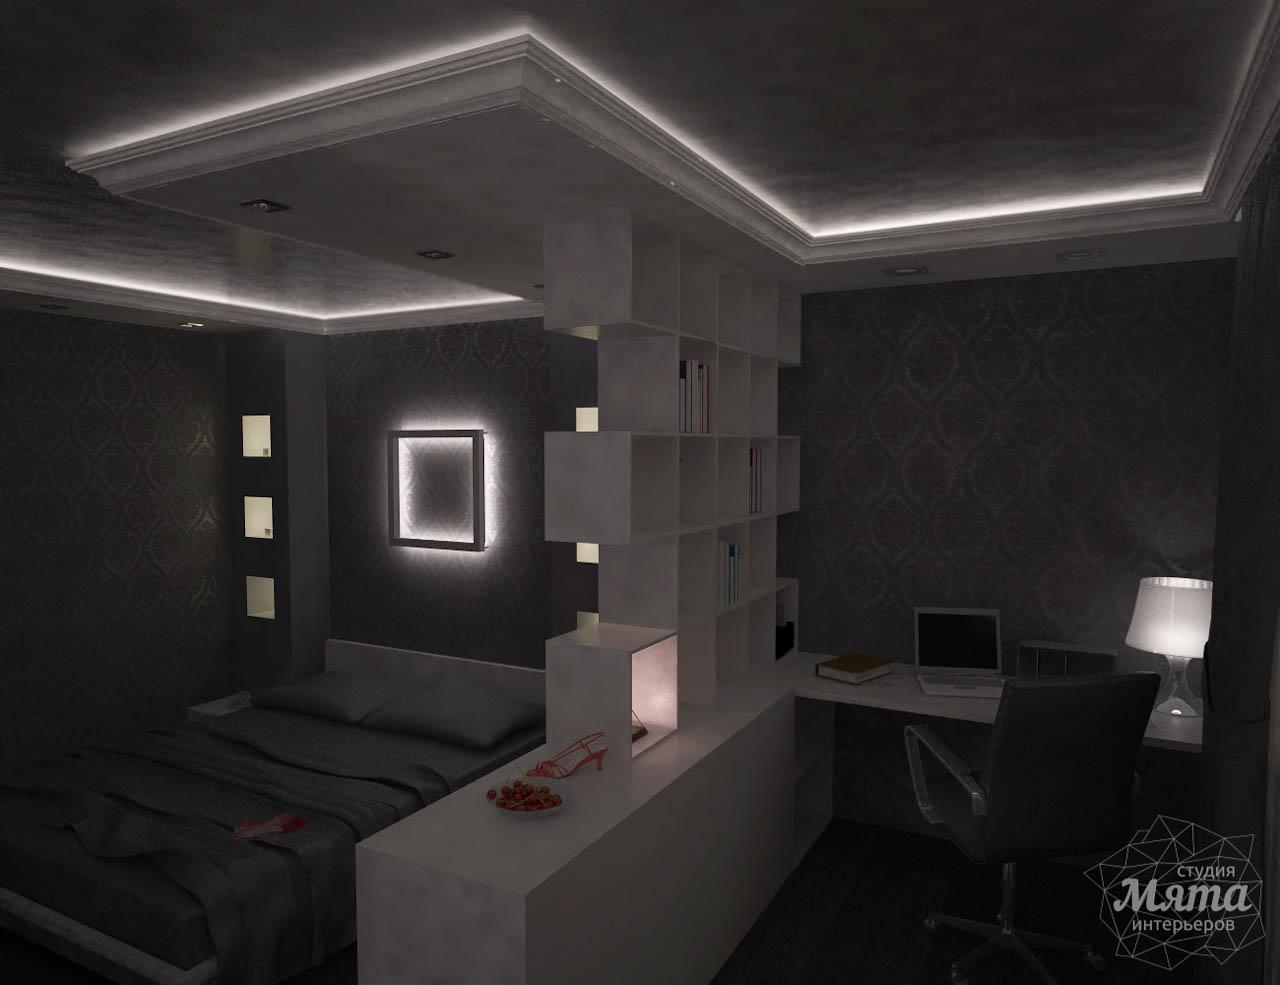 Дизайн интерьера однокомнатной квартиры по ул. Посадская 34 img1823397444